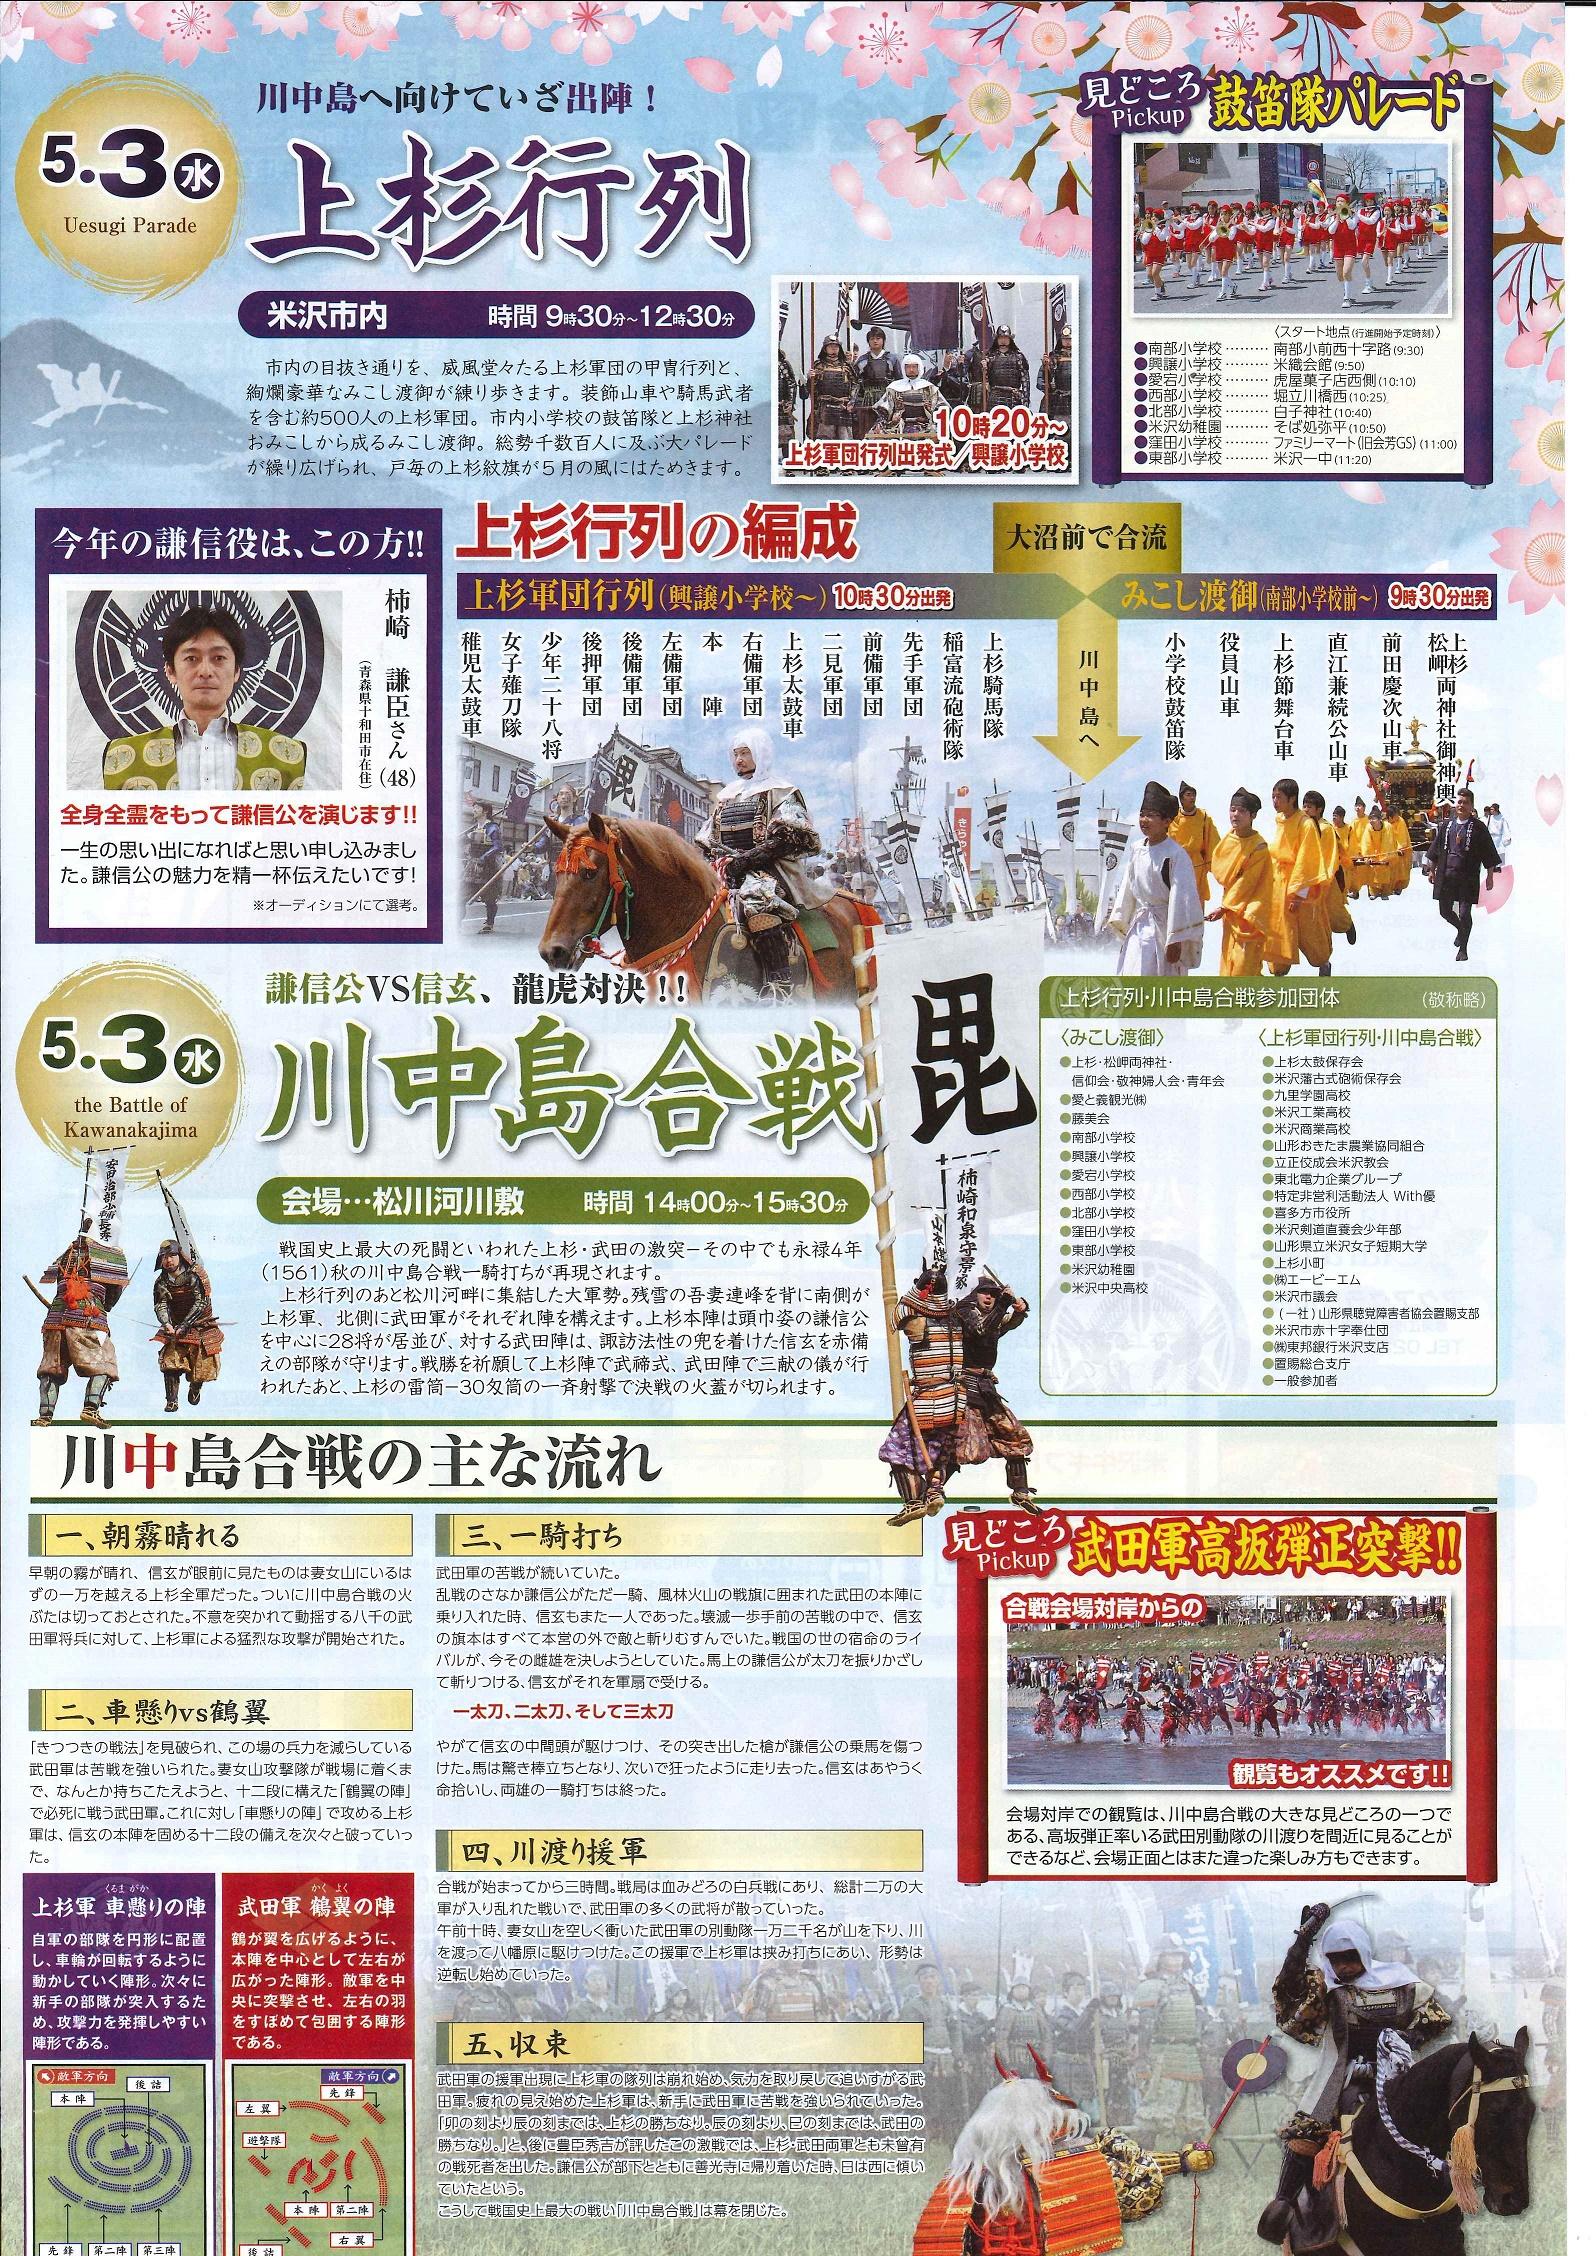 5月3日 上杉行列  川中島合戦